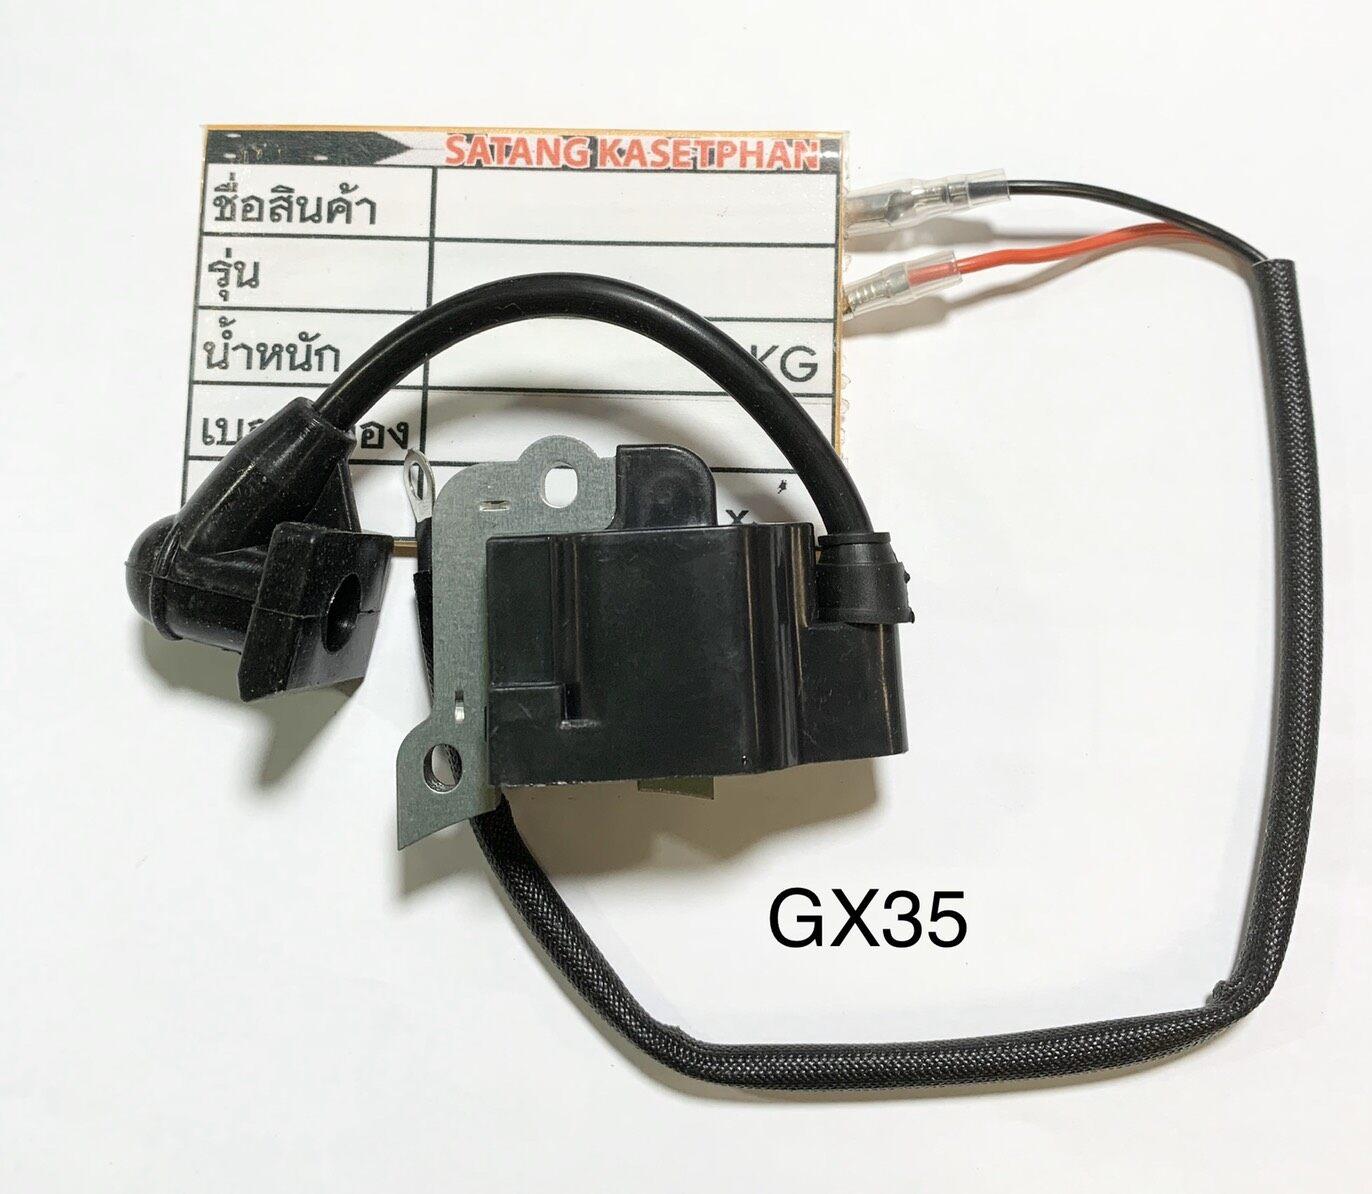 00 คอยล์ไฟgx35 คอยไฟgx35 คอยล์สตาร์ท Gx35 hond 4จังหวะ หรือ รหัส Gx35 คอยล์ Cdi เครื่อง Gx35 อะไหล่ เครื่องตัดหญ้า+ เครื่องพ่นยา สะพายบ่า Is A Product That Will Replace The Original, Damaged Product, Replacement Product , Use With The Original.